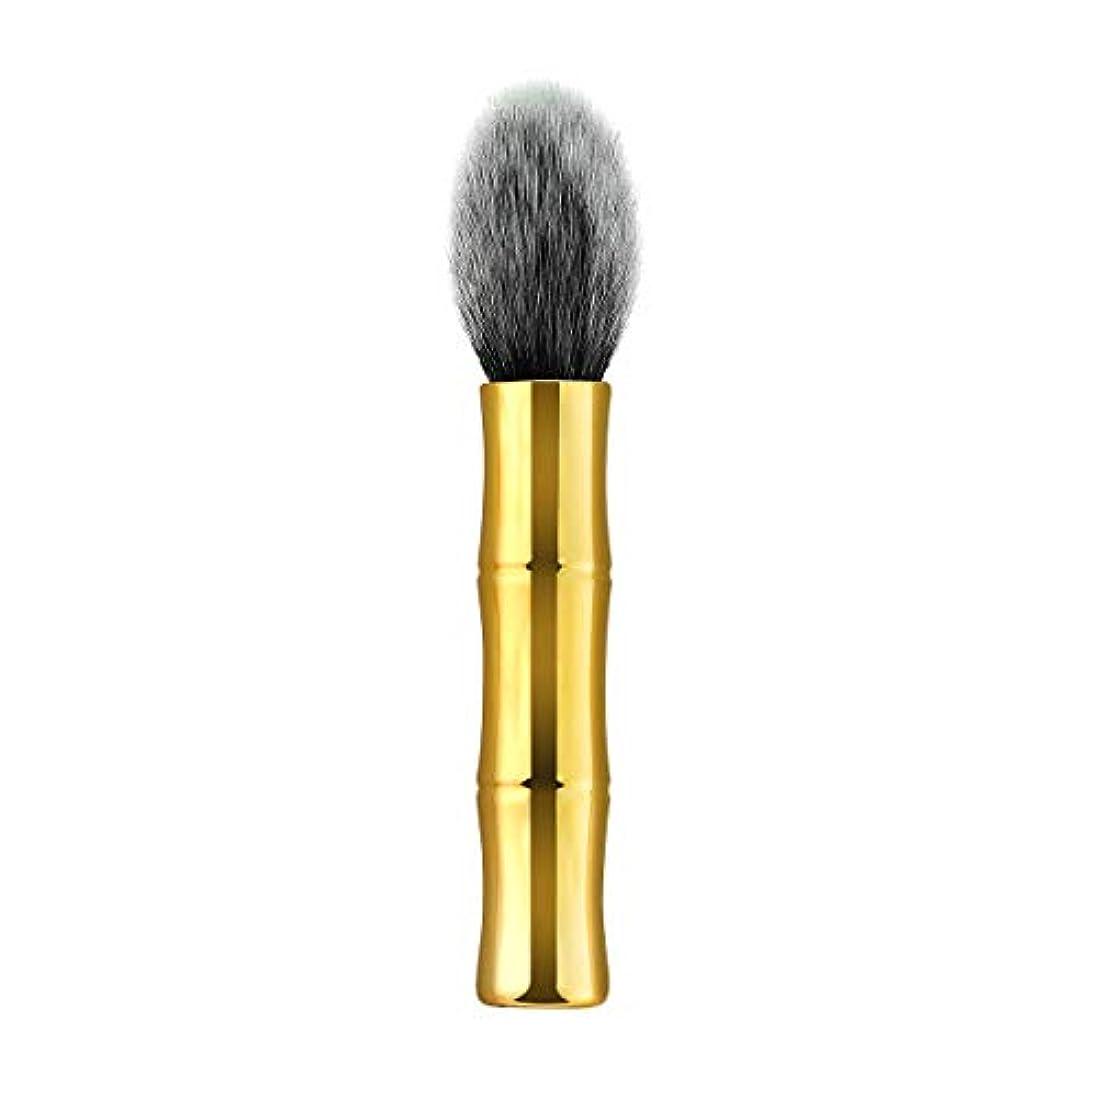 セブン触覚フルーツLurrose 女性のためのソフトナイロン剛毛化粧ブラシ化粧品パウダーブラッシュブラシ(TM-104)を処理します。